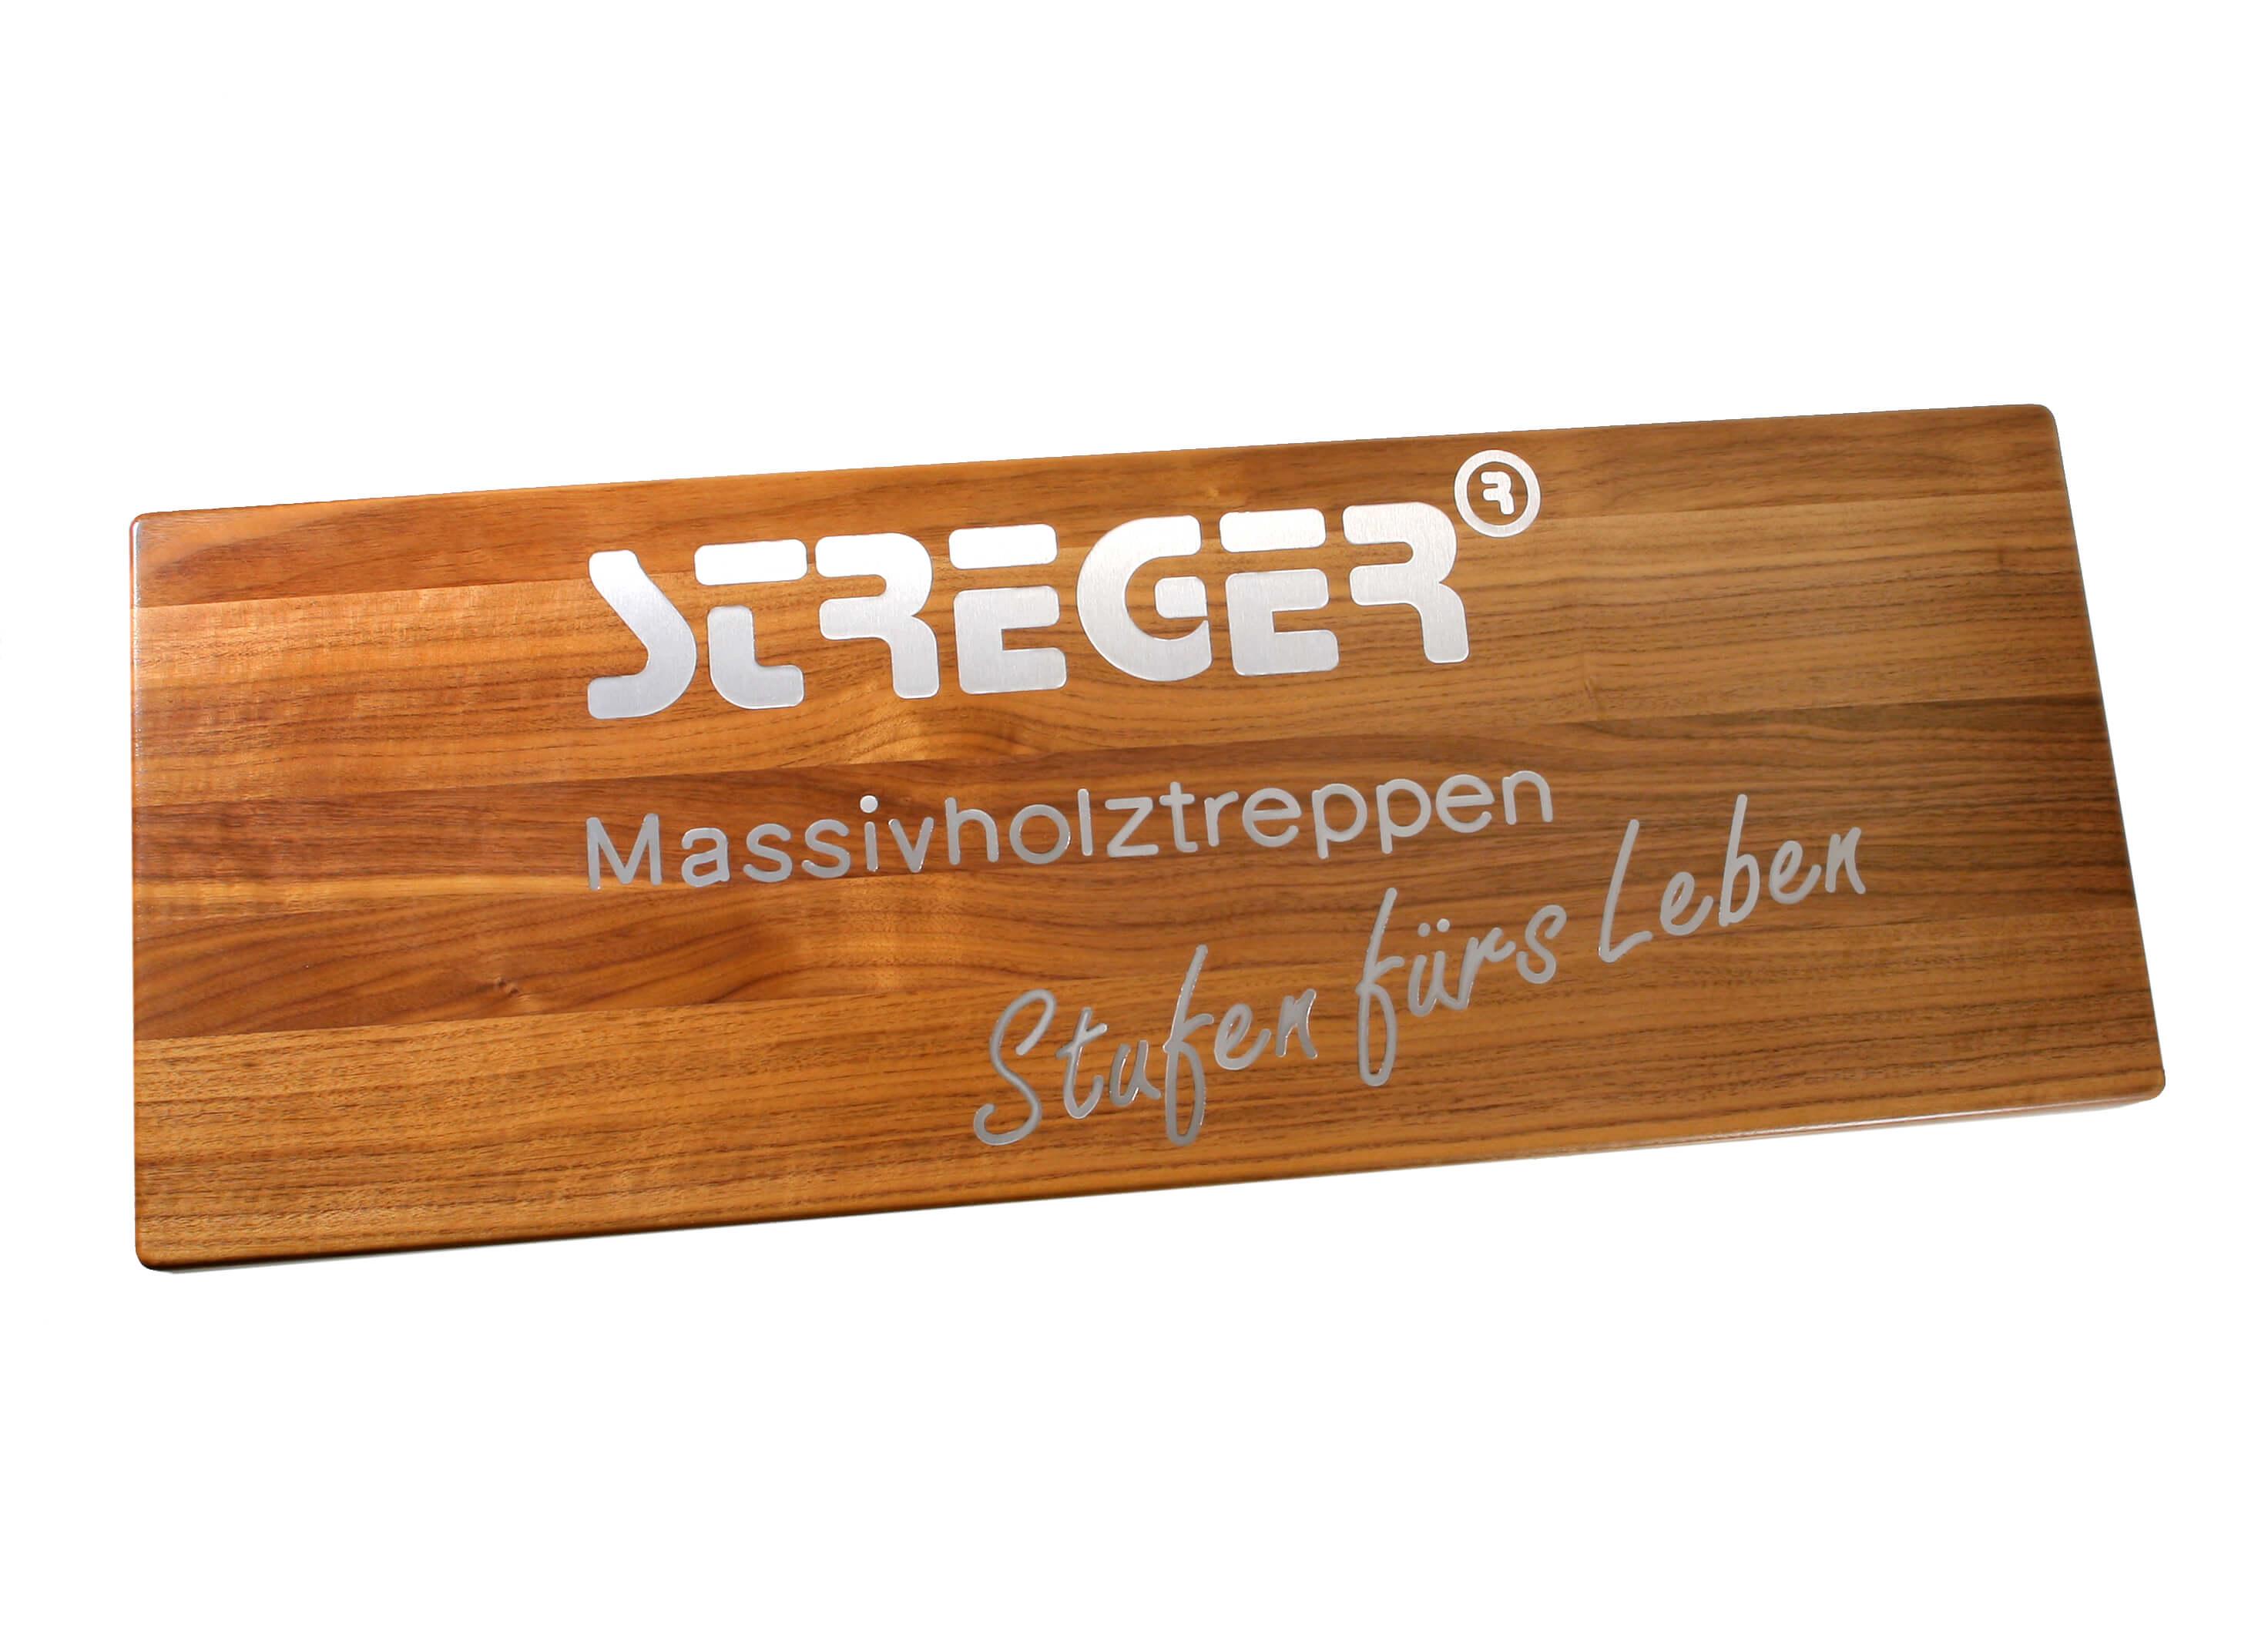 STREGER Intarsien mit STREGER-Logo